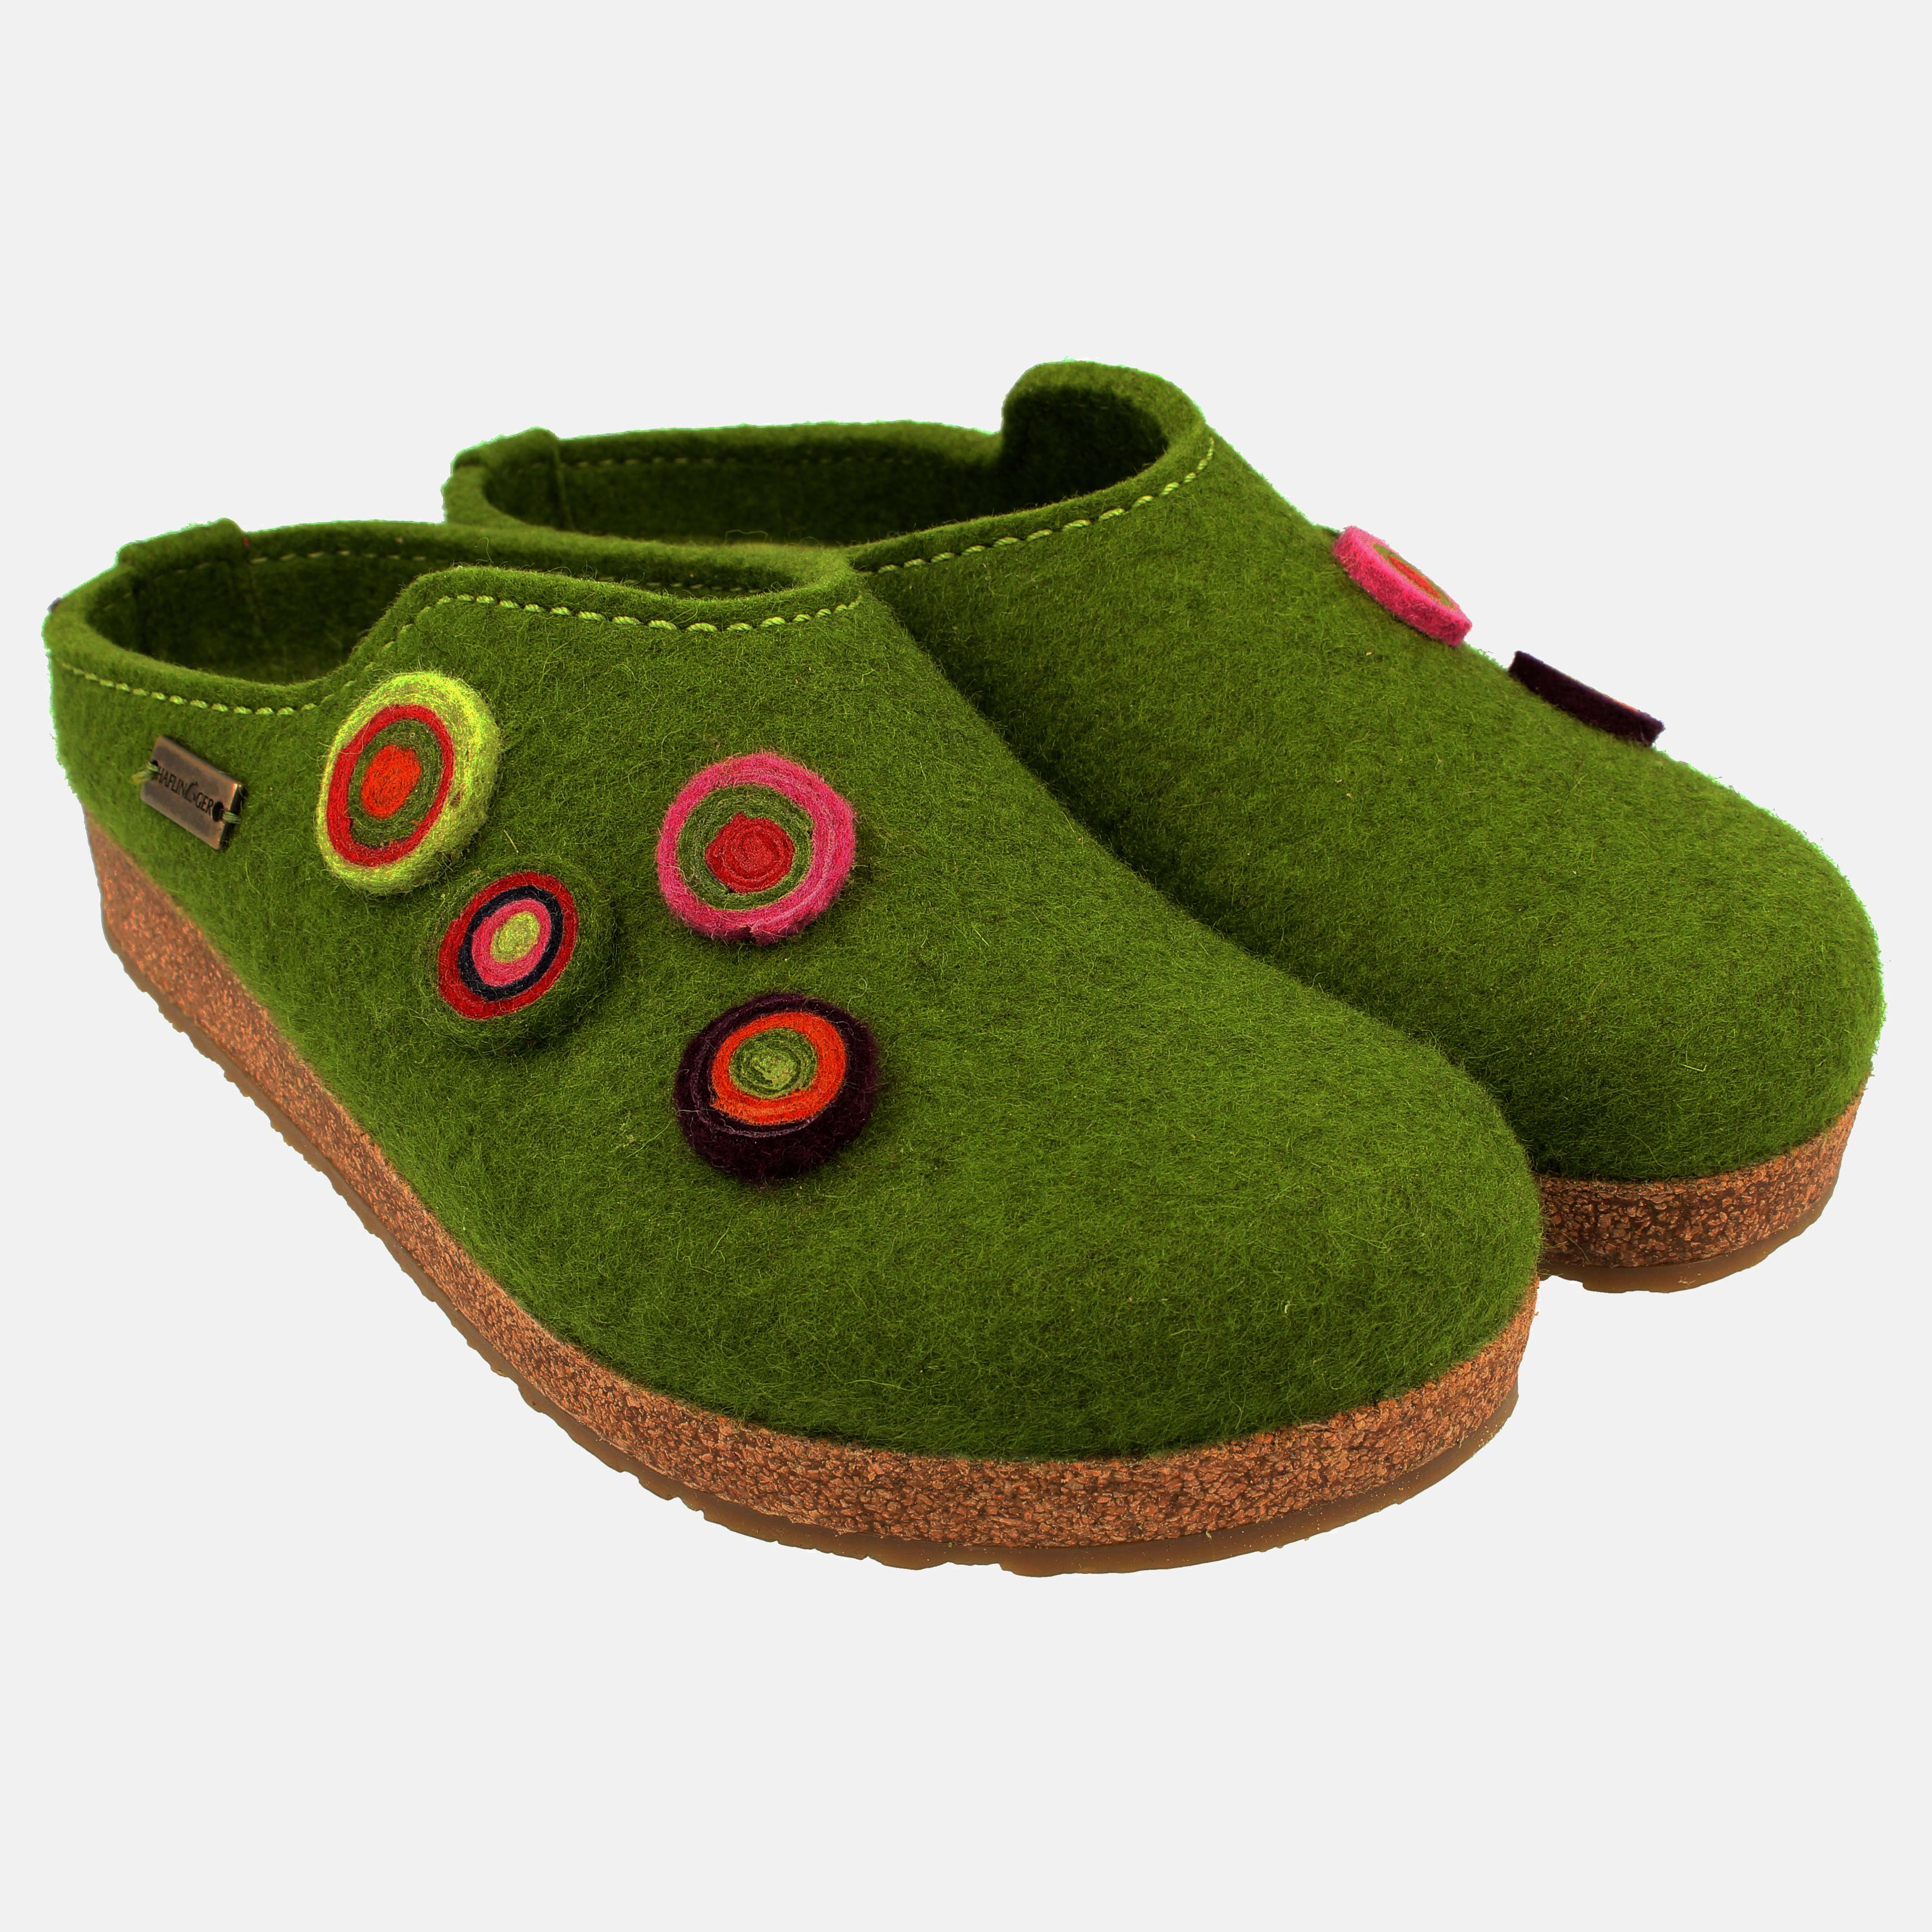 Haflinger Filztoffel GRIZZLY KANON Hausschuhe grasgrün grün Wollfilz 731023 NEU